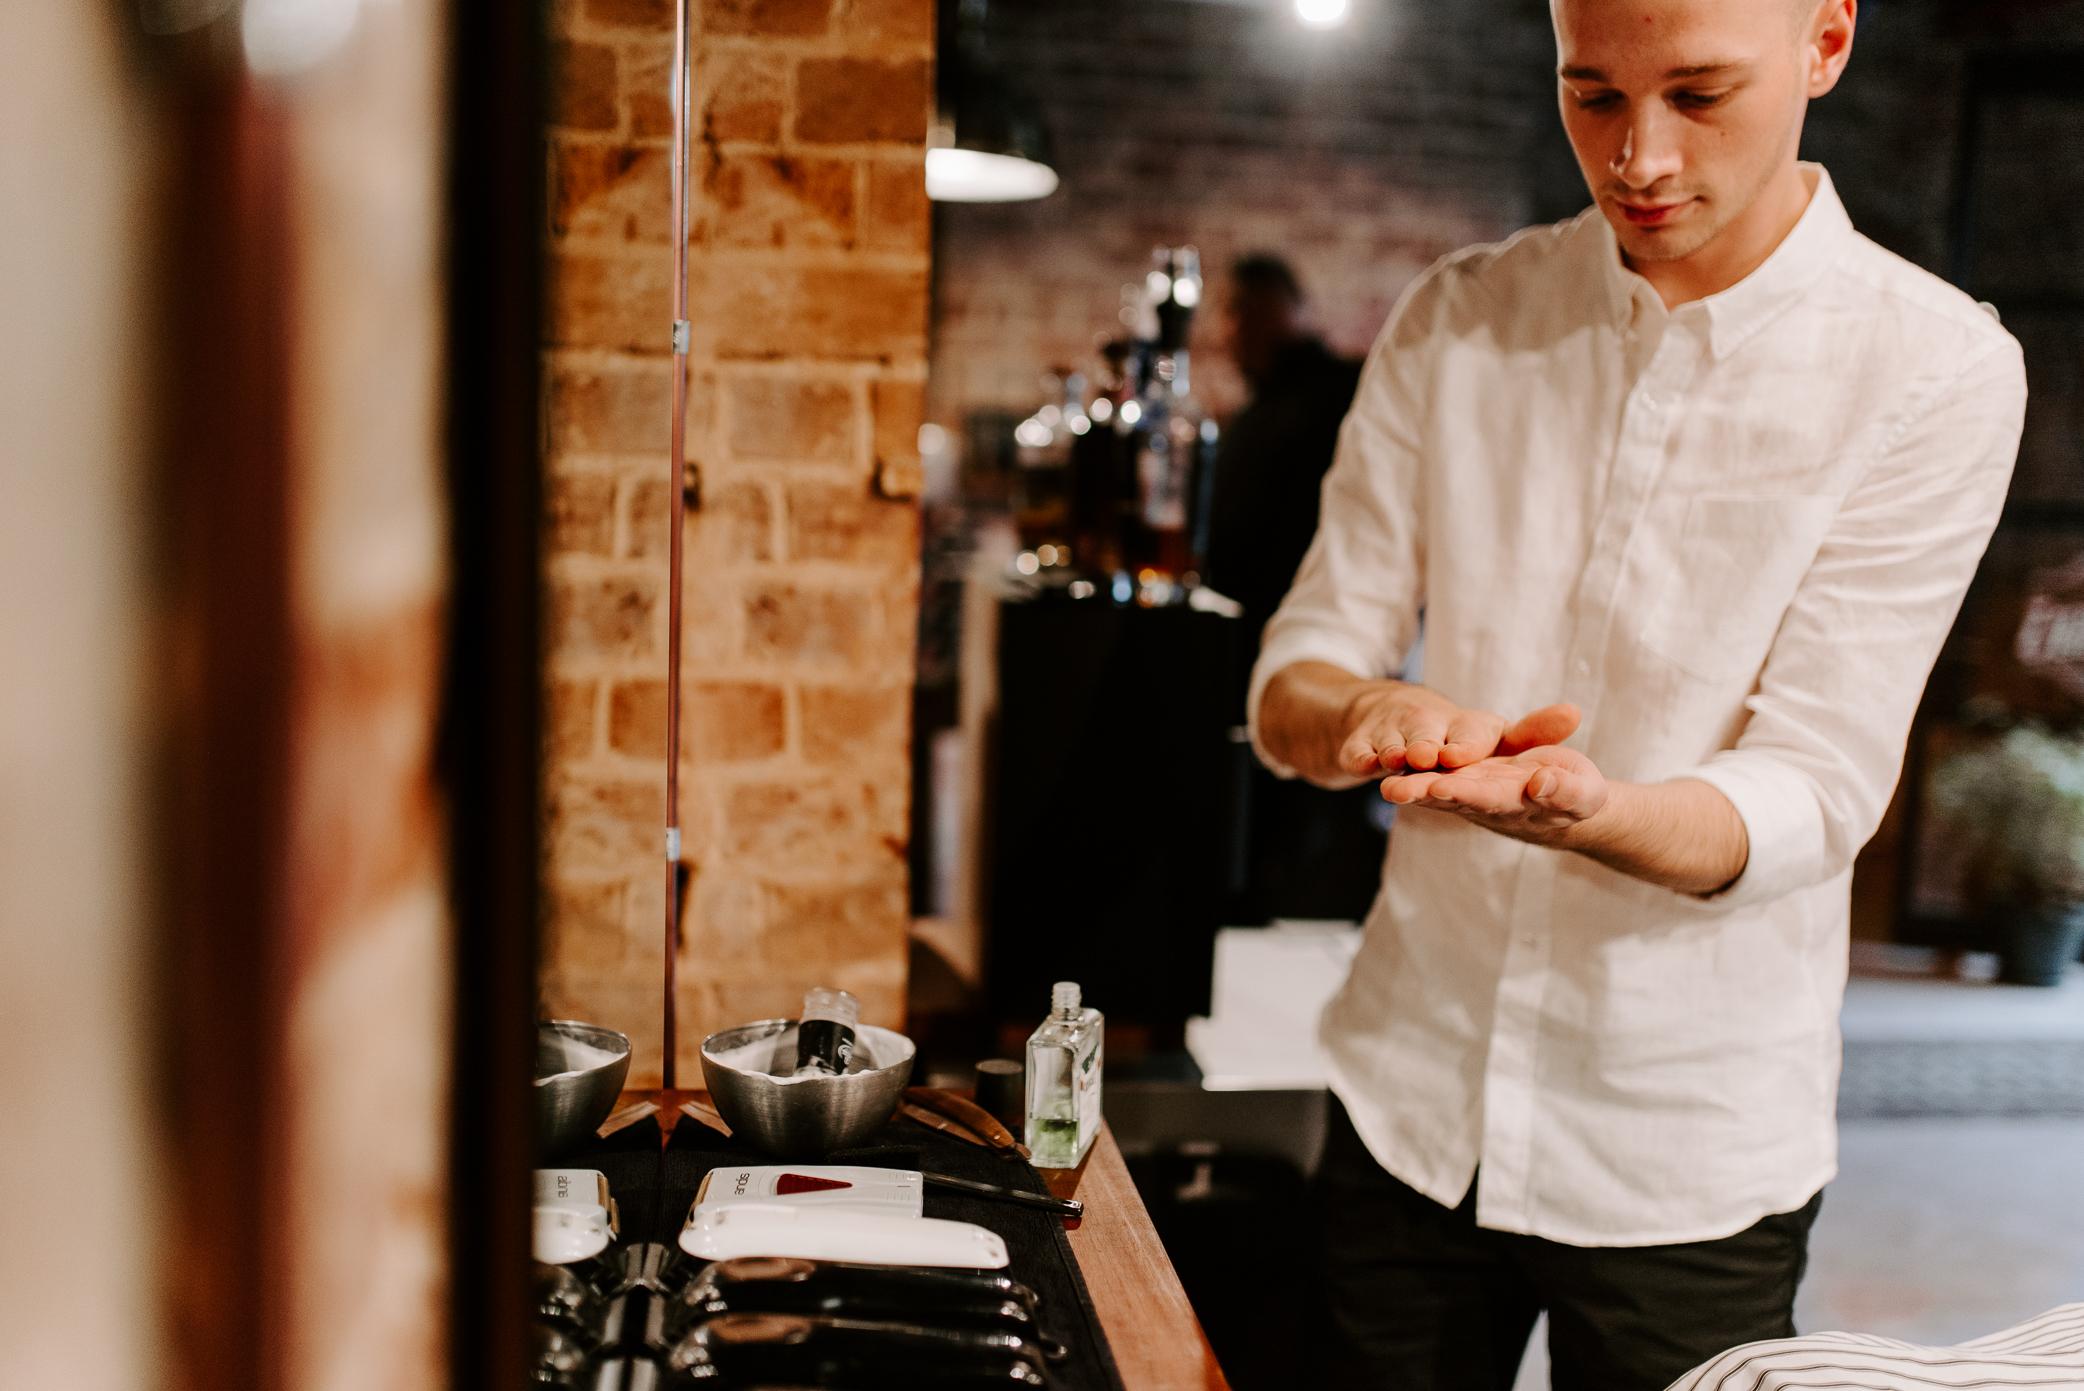 Patrick-barber-web-15.jpg